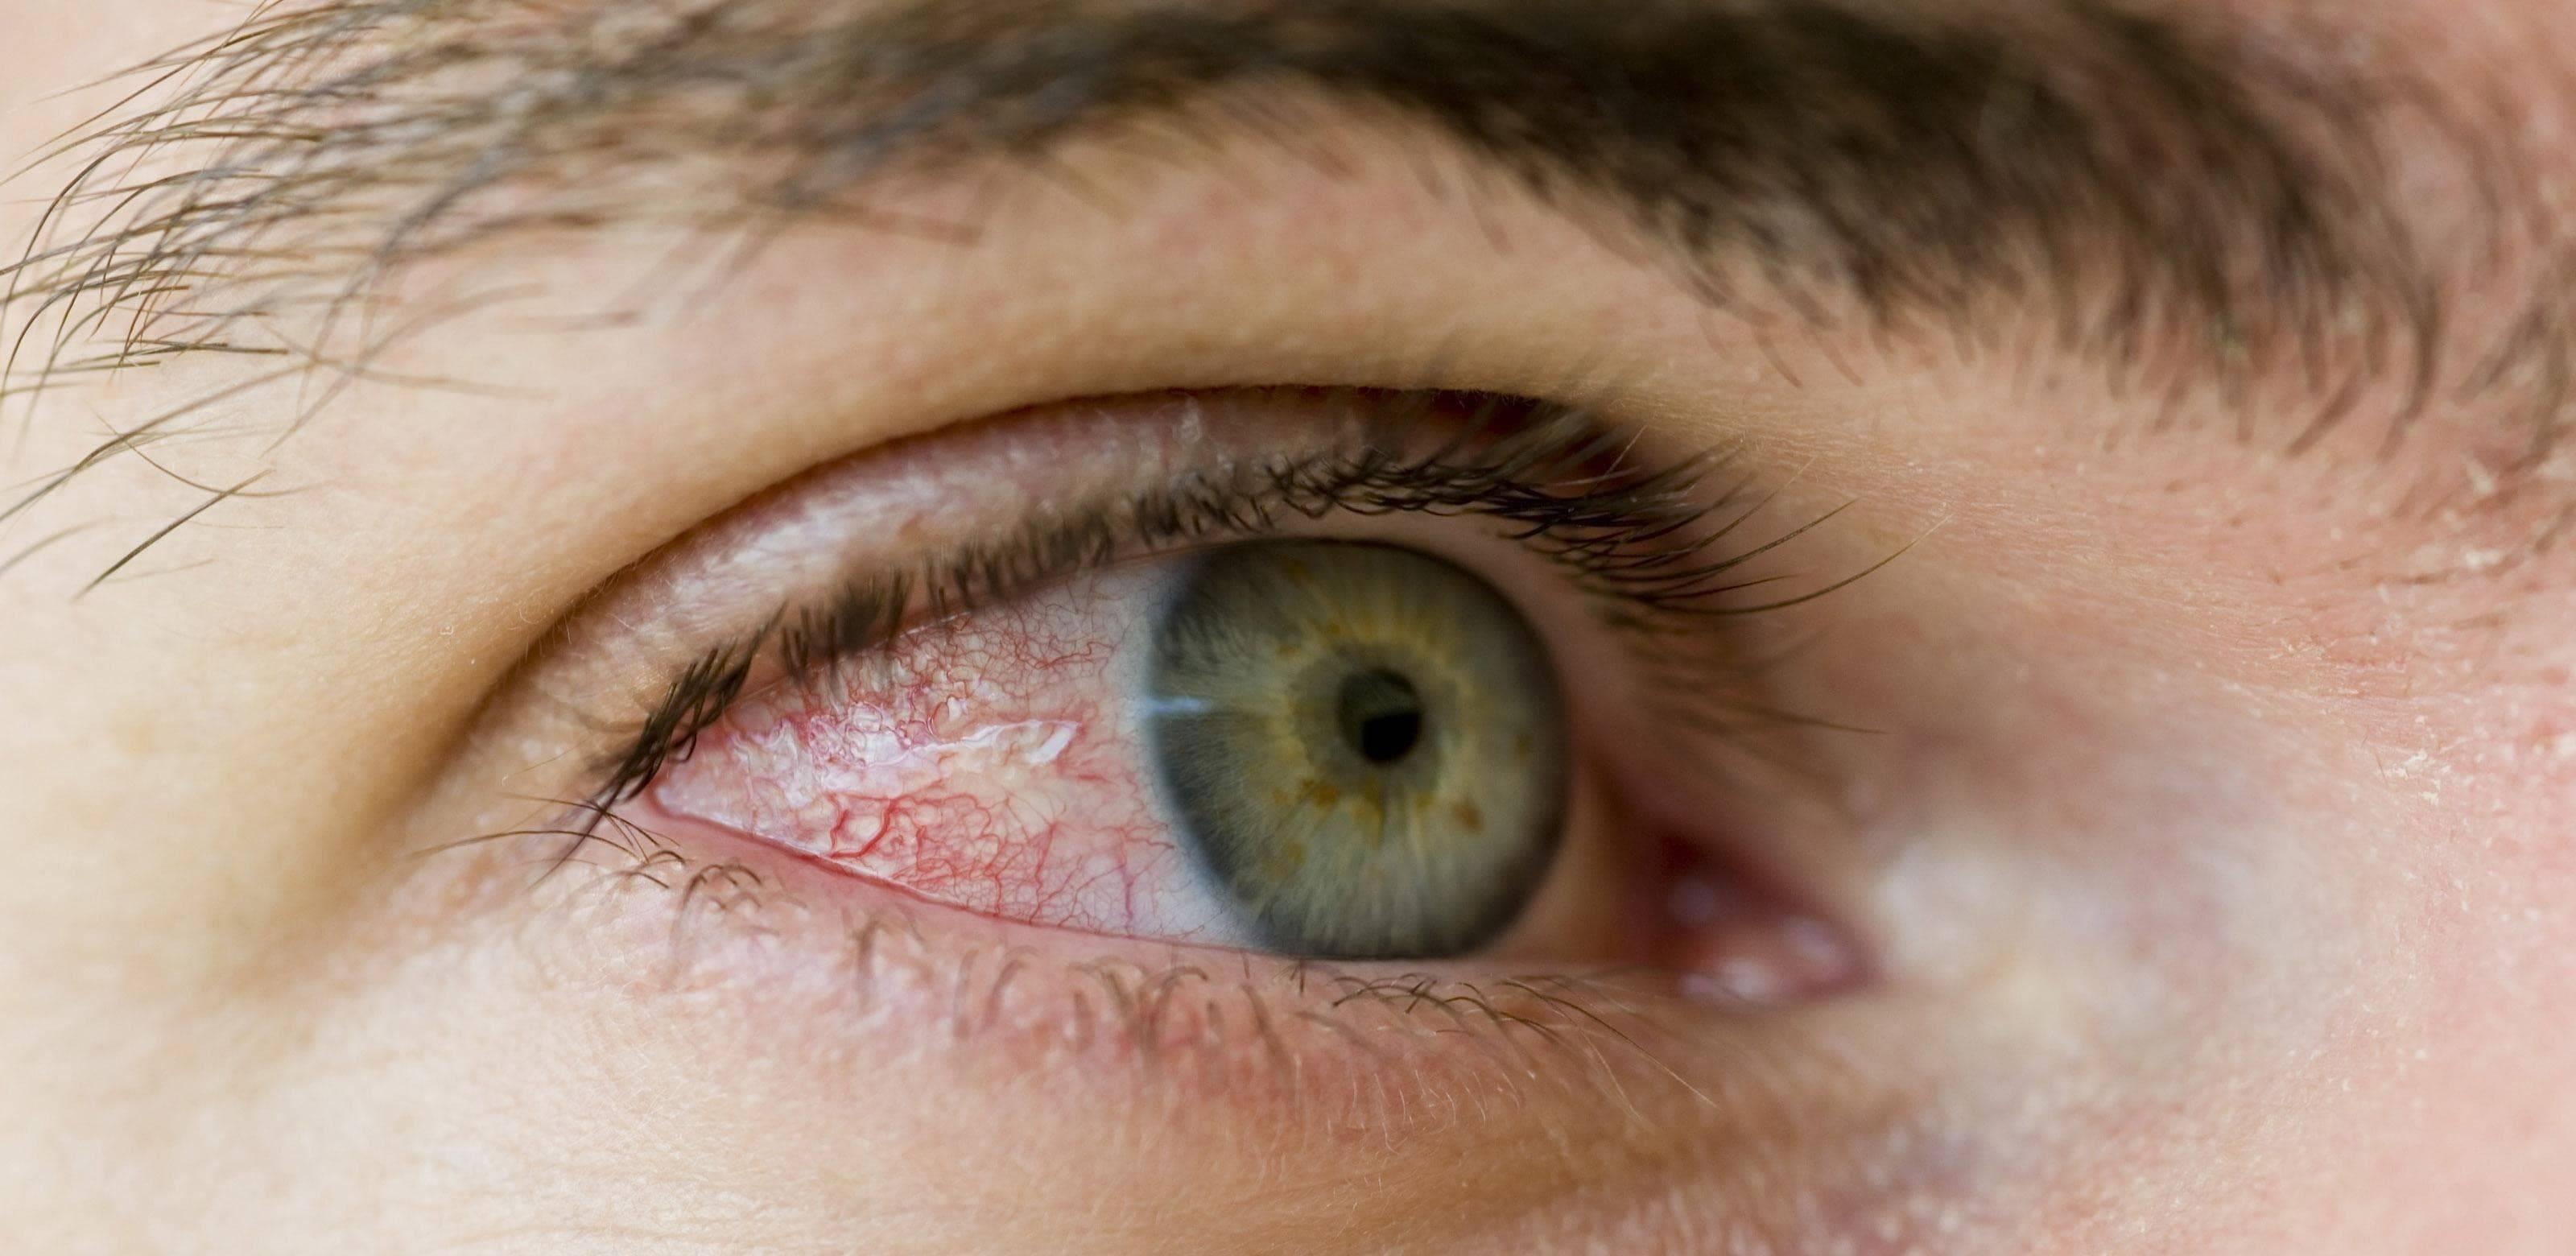 Паразиты в глазах человека: симптомы и лечение инвазии, видео